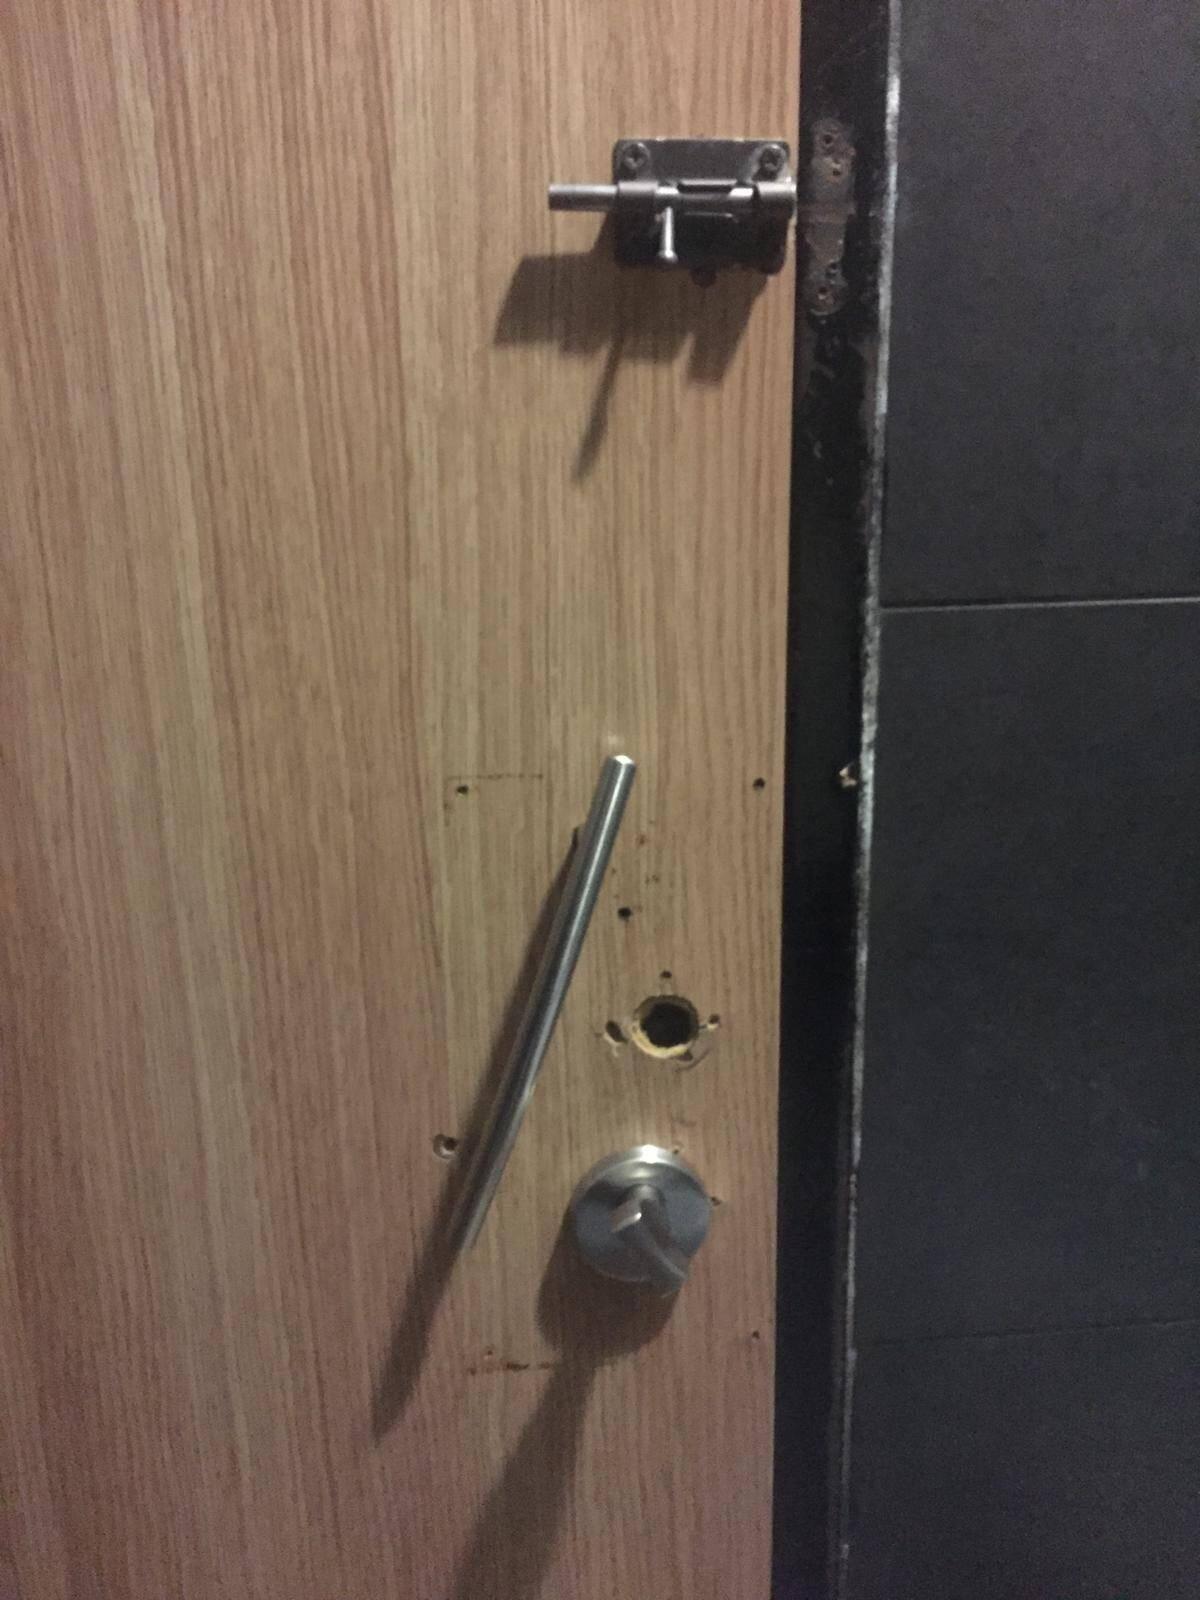 L'incident est survenu en décembre 2019, dans les toilettes du McDonald's sis 20, avenue Jean-Médecin.